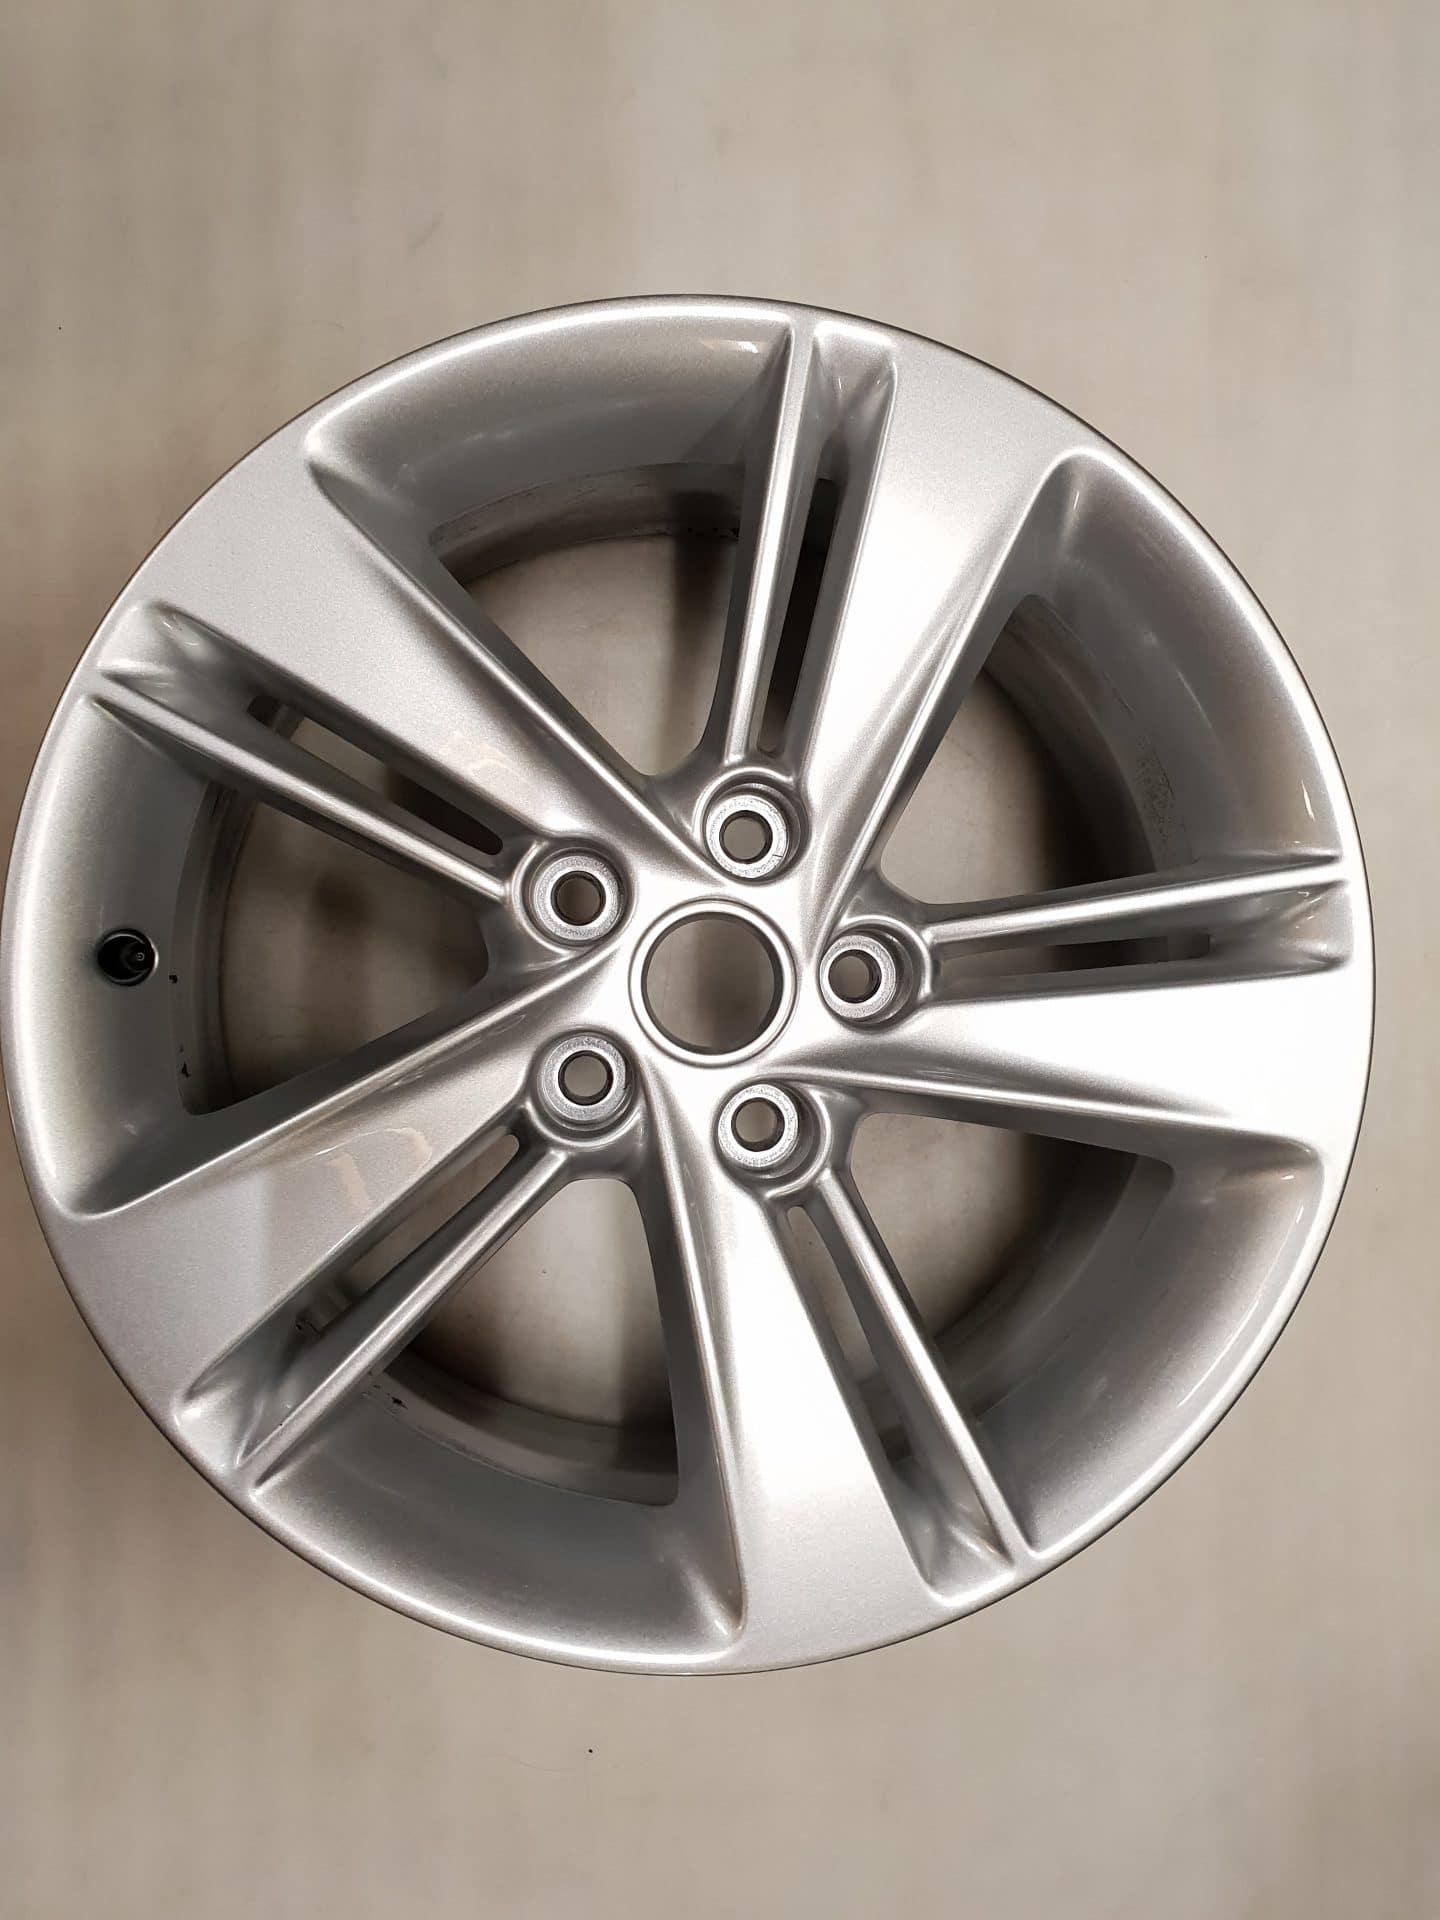 Originele Opel Insignia B Lichtmetalen Velgen 17 Inch